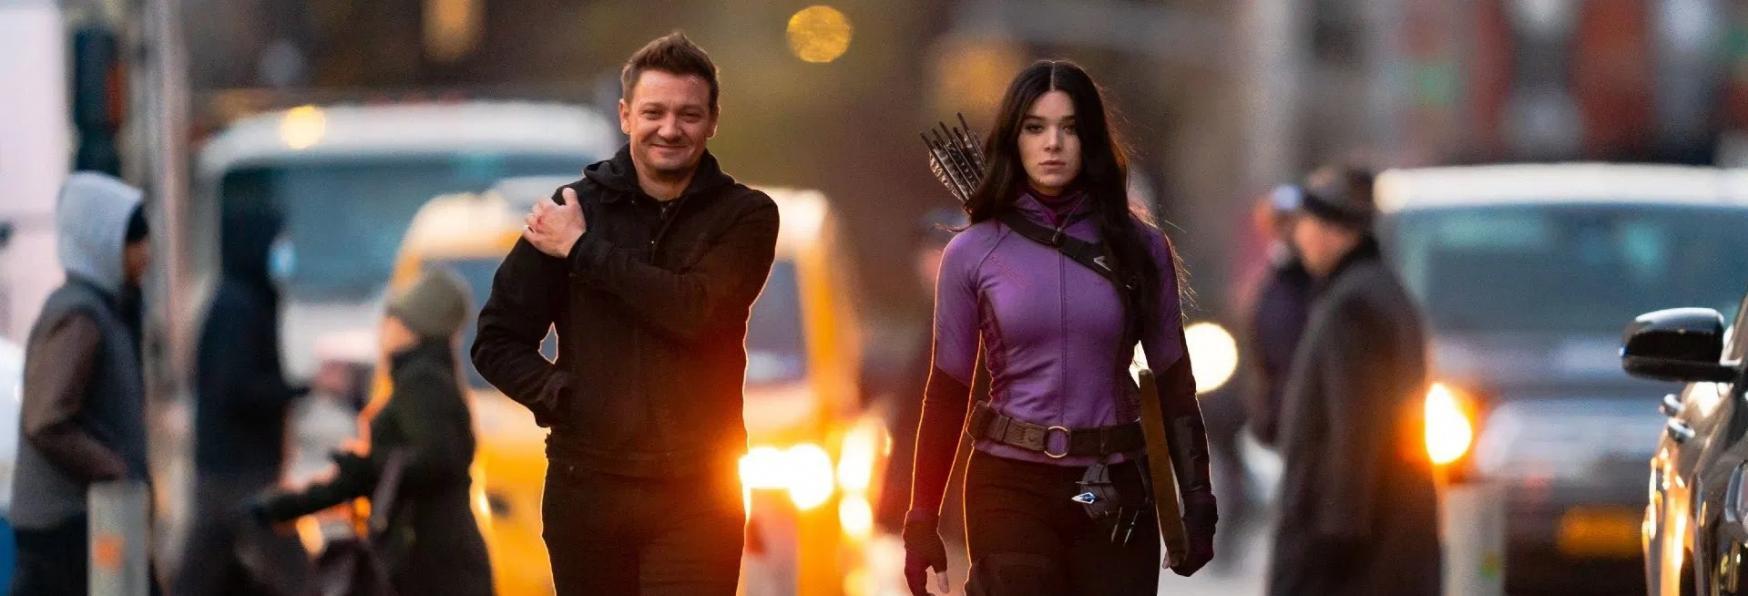 Hawkeye: è in arrivo il Trailer della Serie TV targata Disney+?